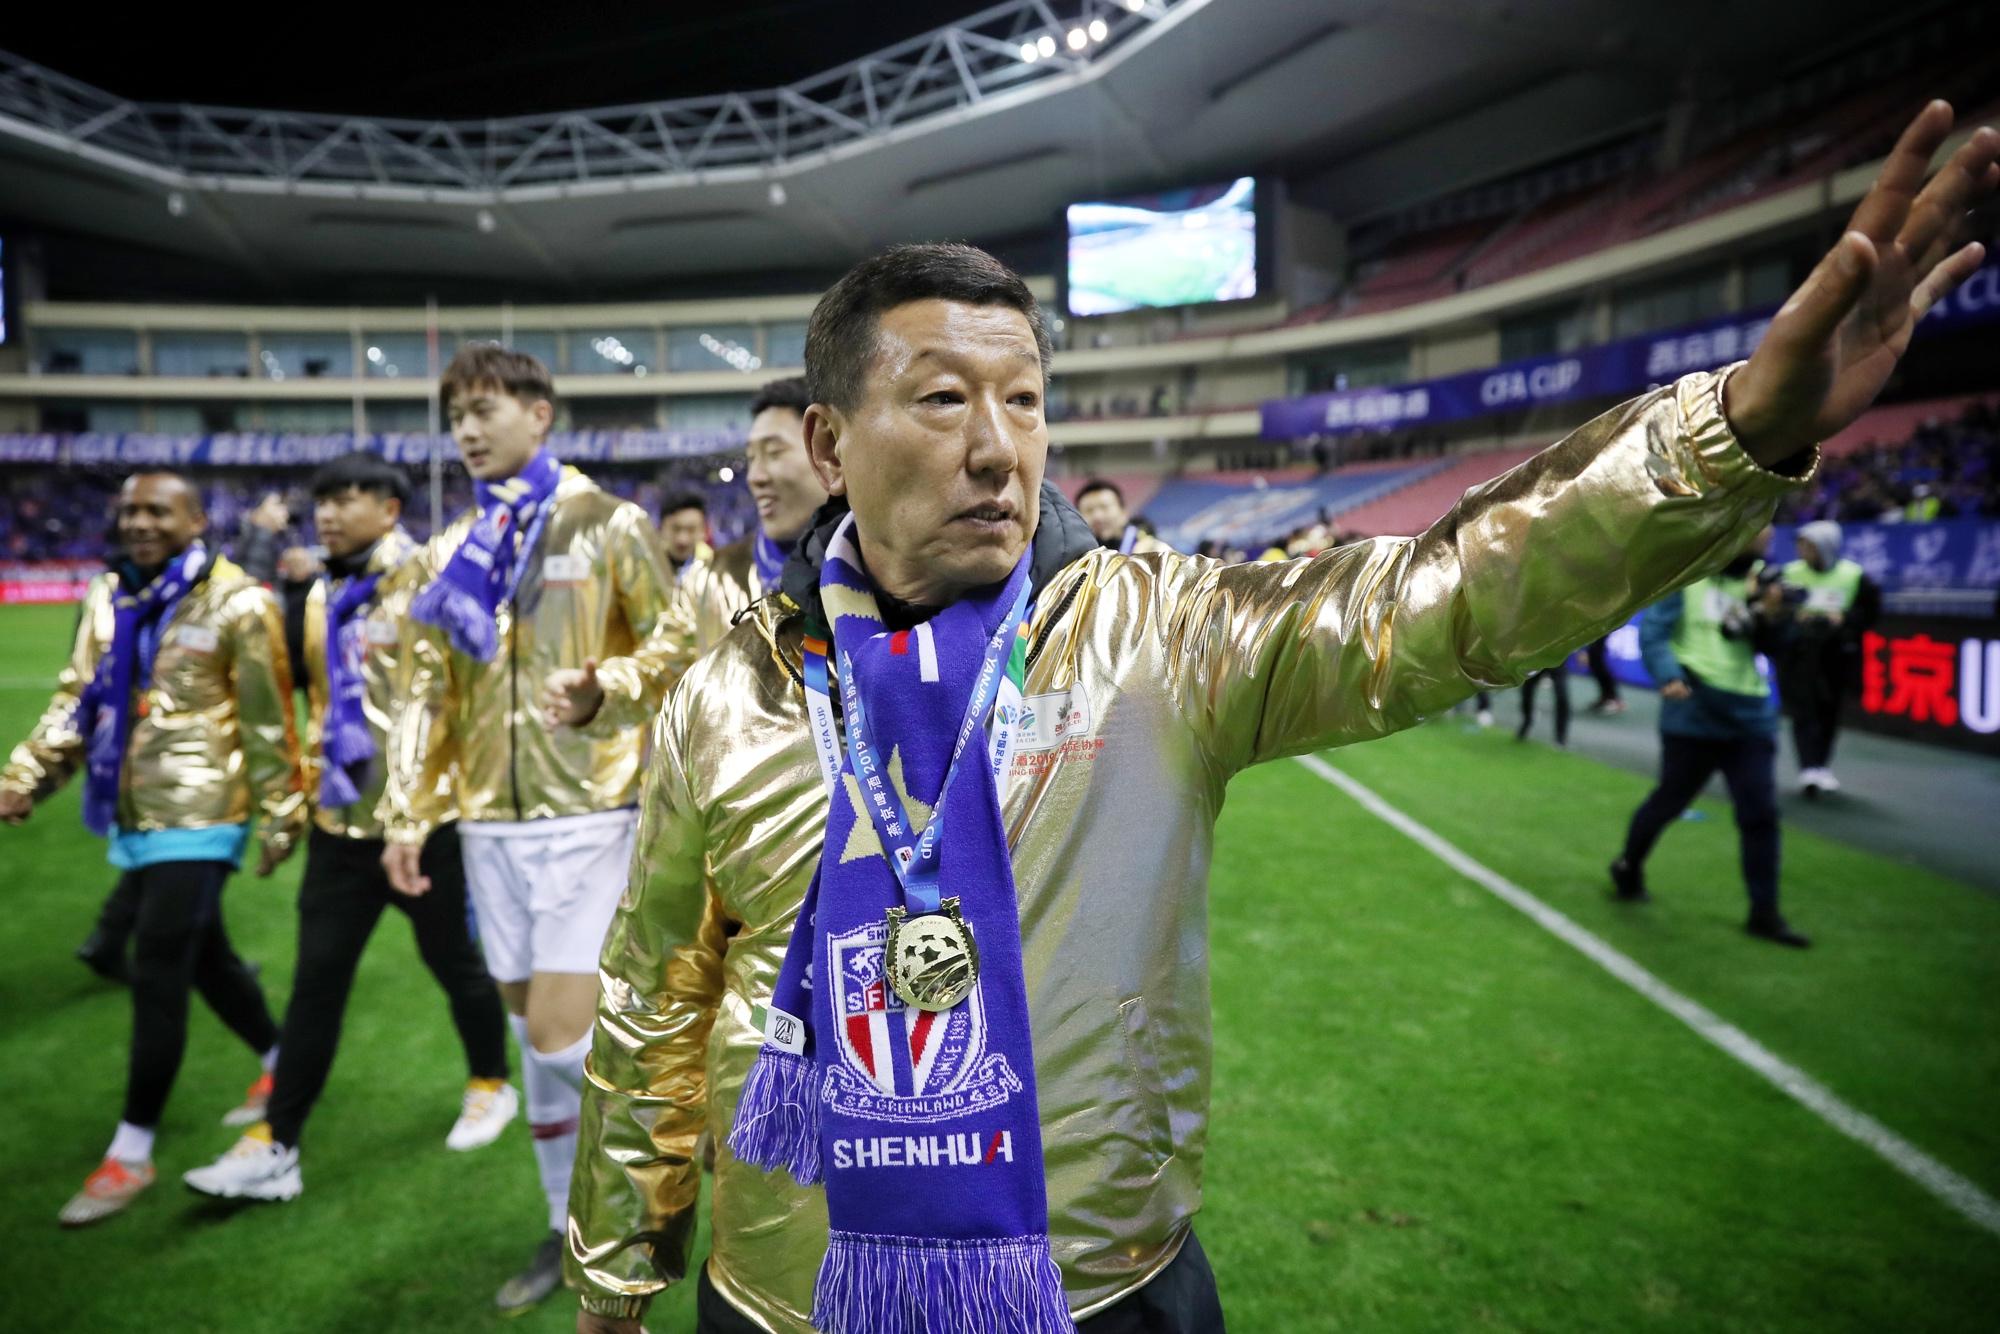 日本国产纯血马2019在海外4国斩获8场1级赛冠军_无辜Mdledle